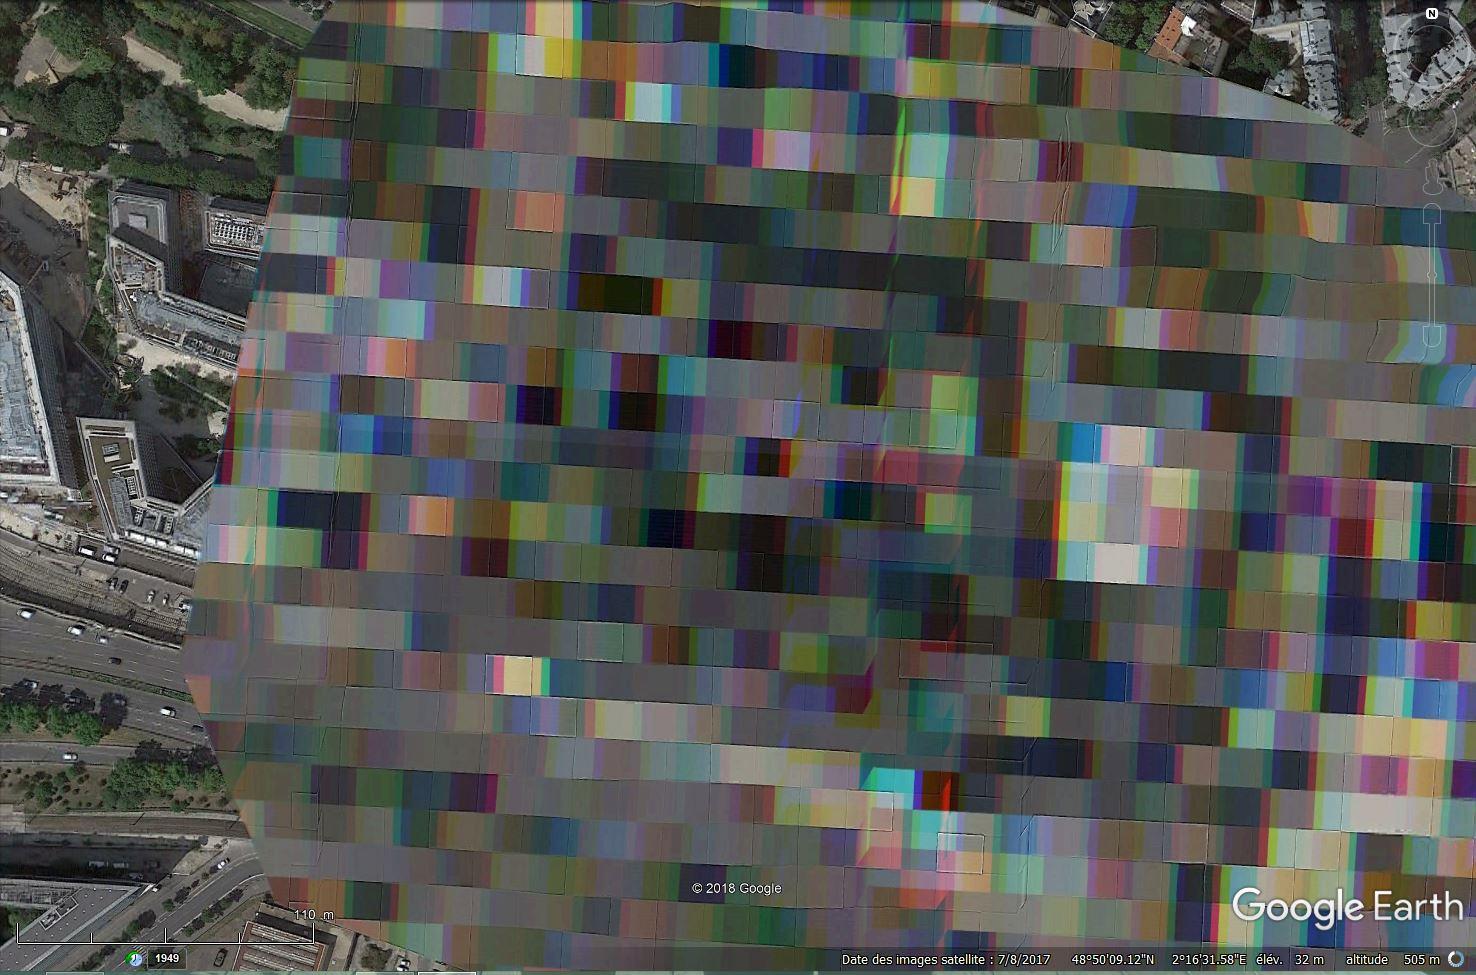 [Désormais visible sur Google Earth] - Futur site du ministère de la Défense (Balard) Tsge_137